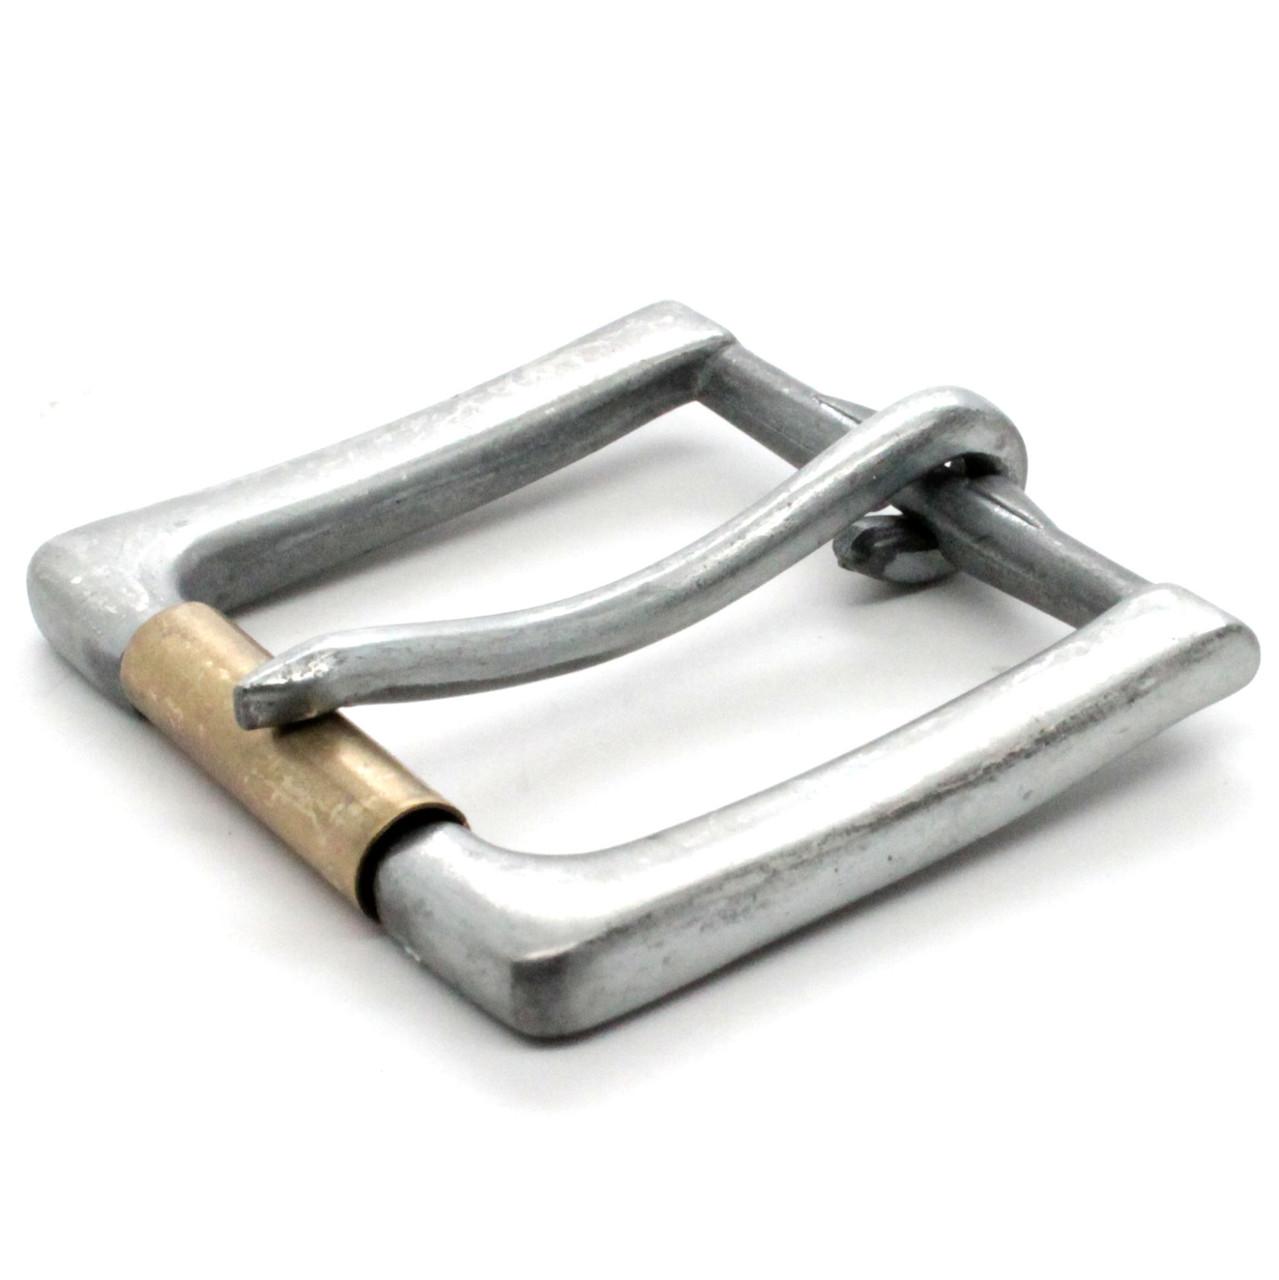 Rugged Roller Belt Buckle Antique Nickel Brass Roller Side